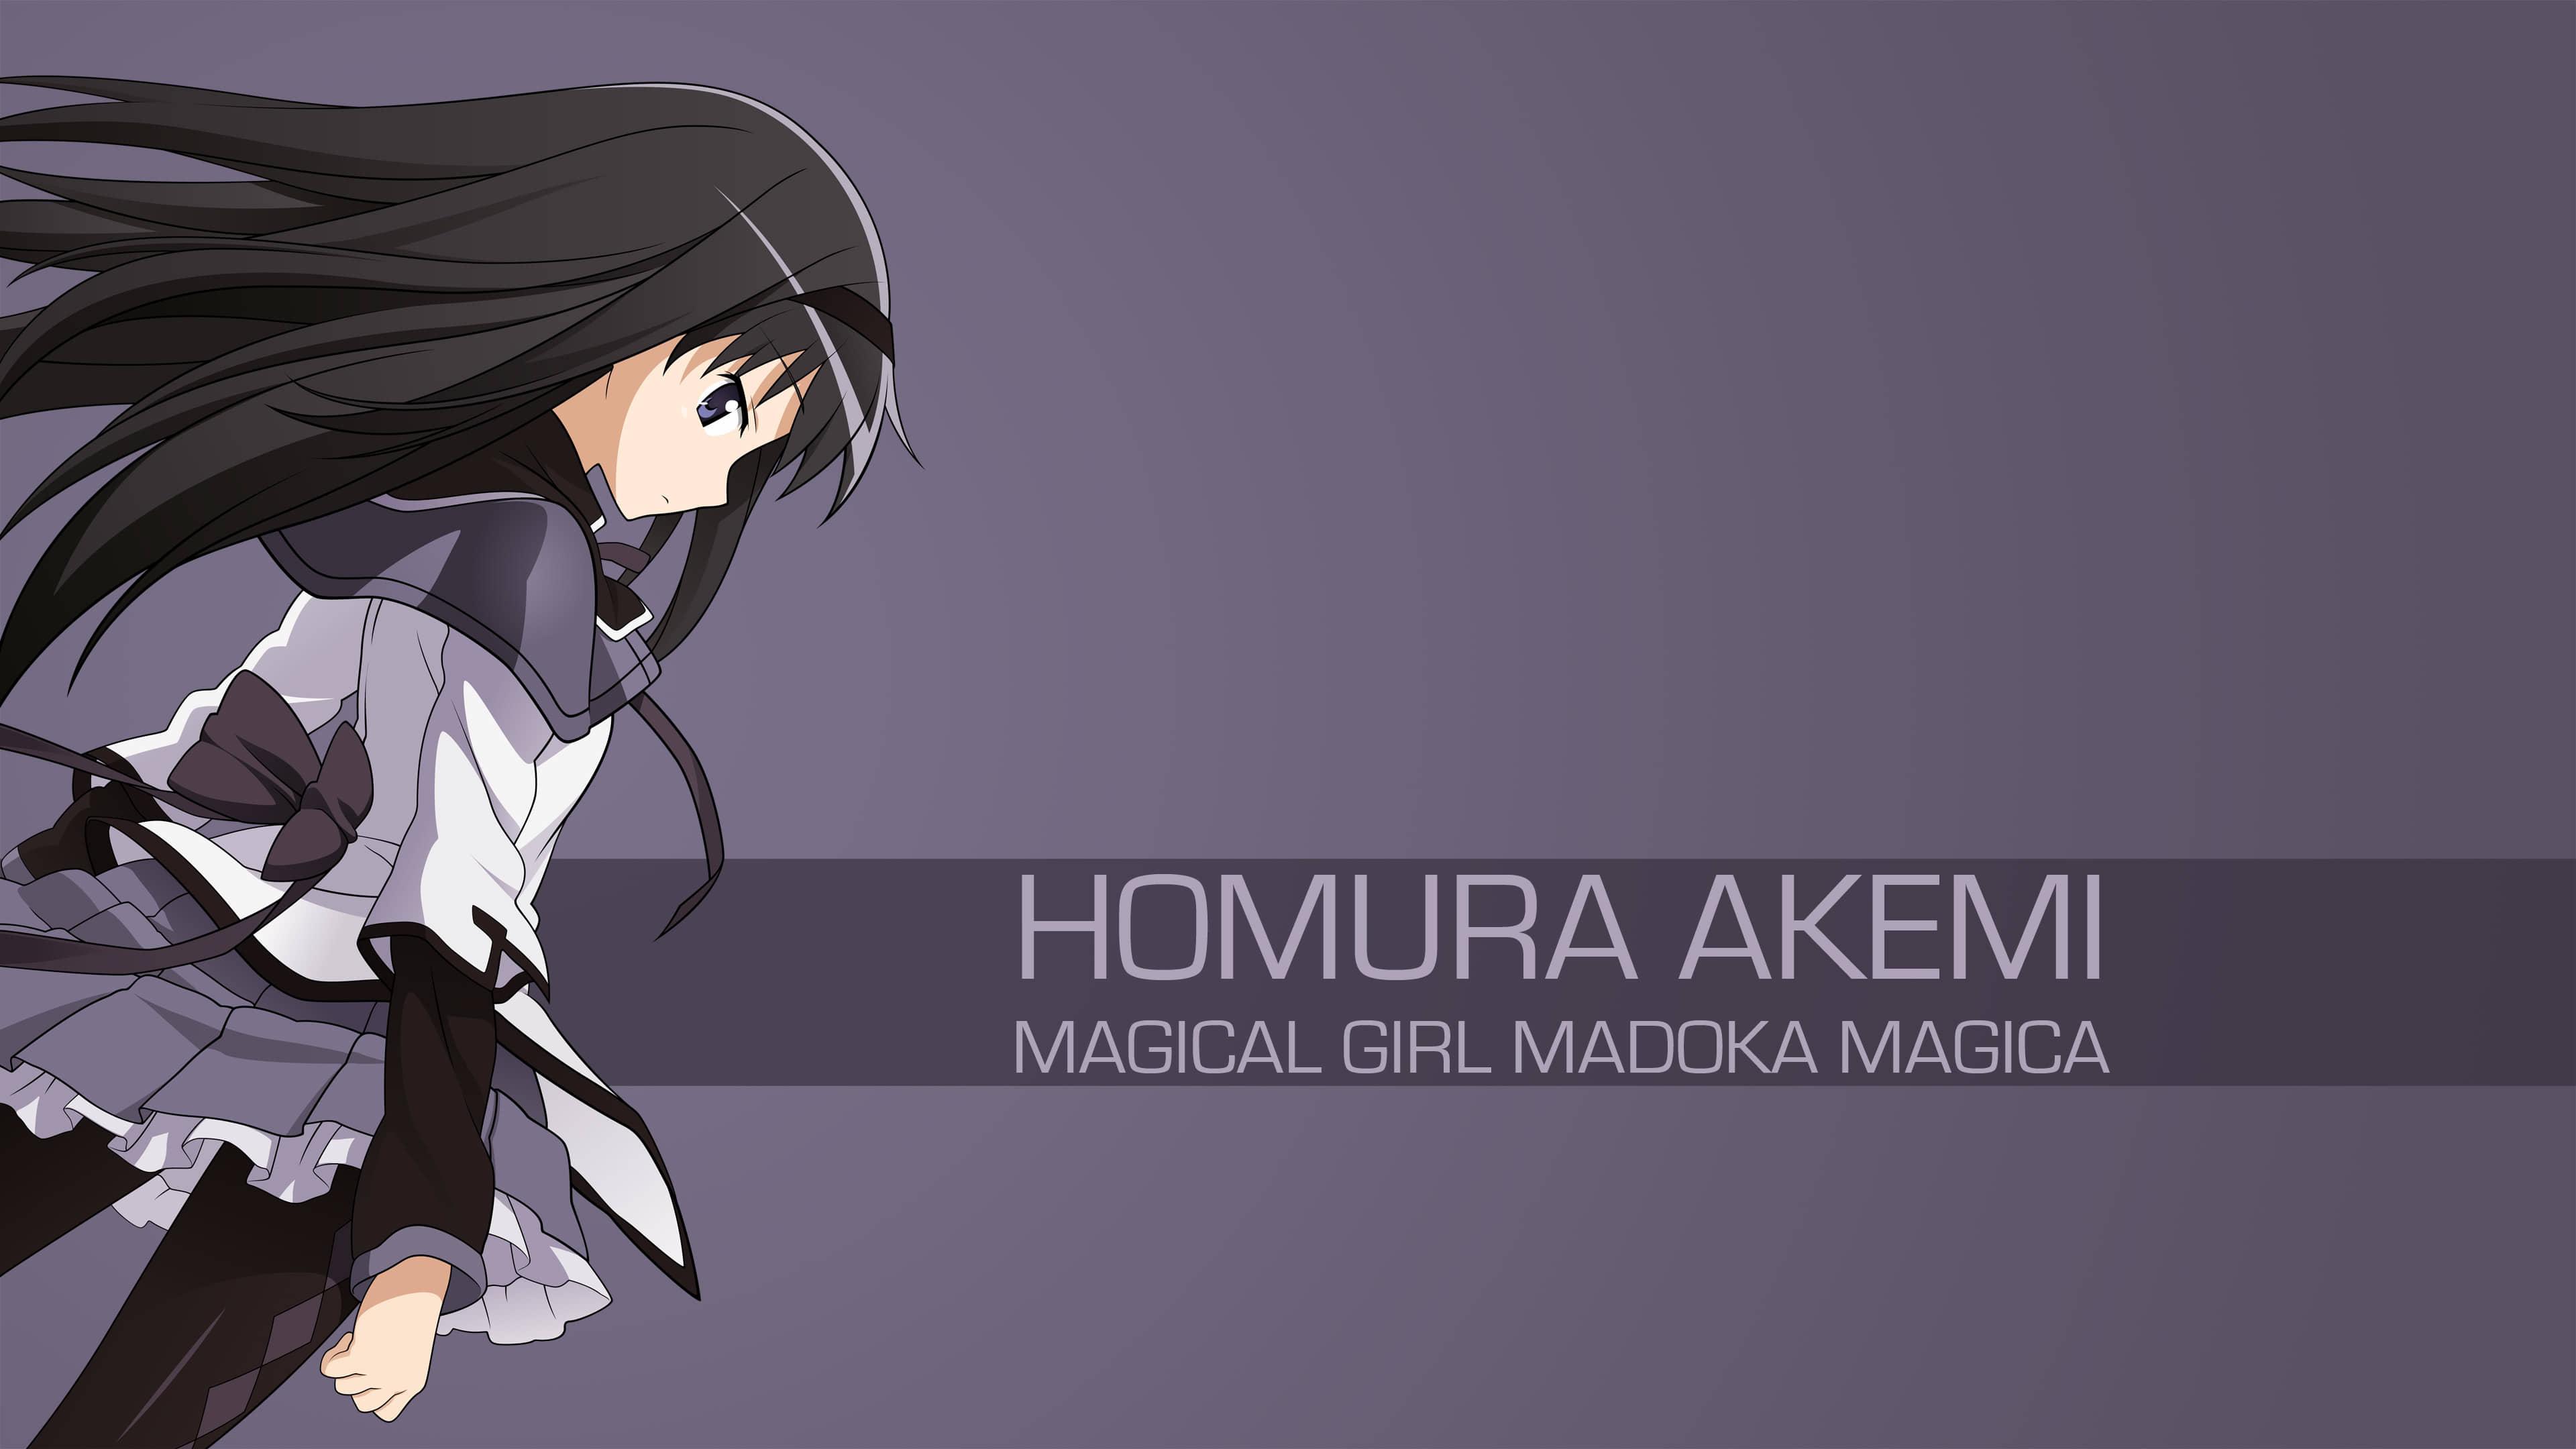 Pubg Anime Girl Wallpaper: Pubg Girl Wallpaper 4k